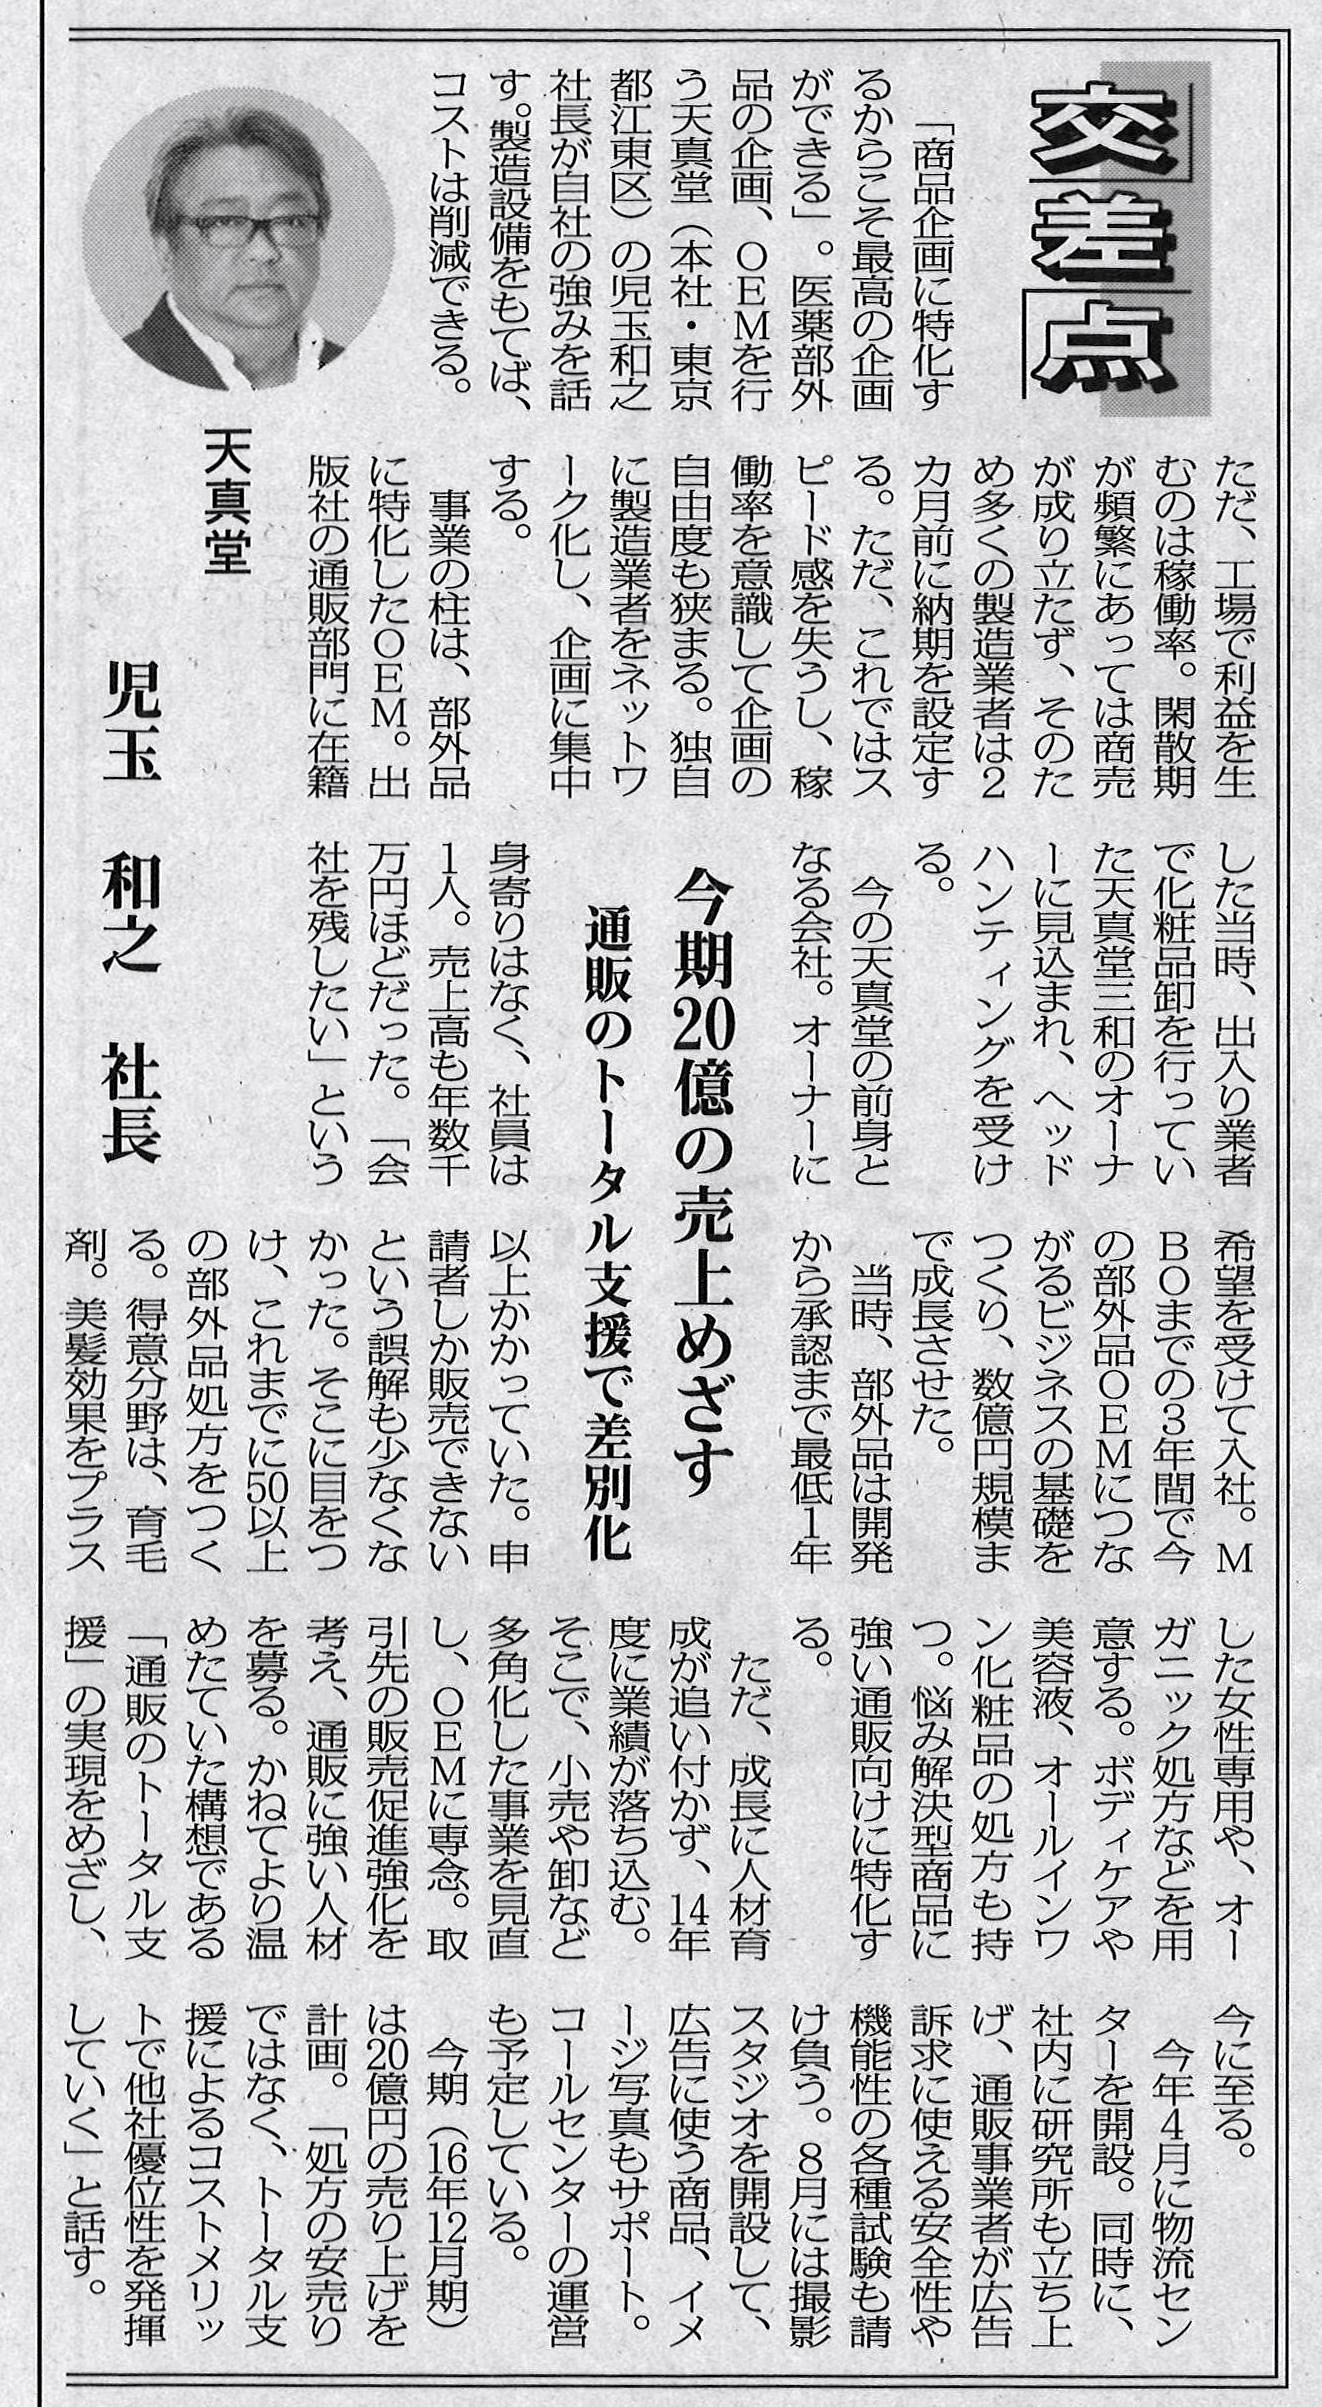 8月4日通販新聞